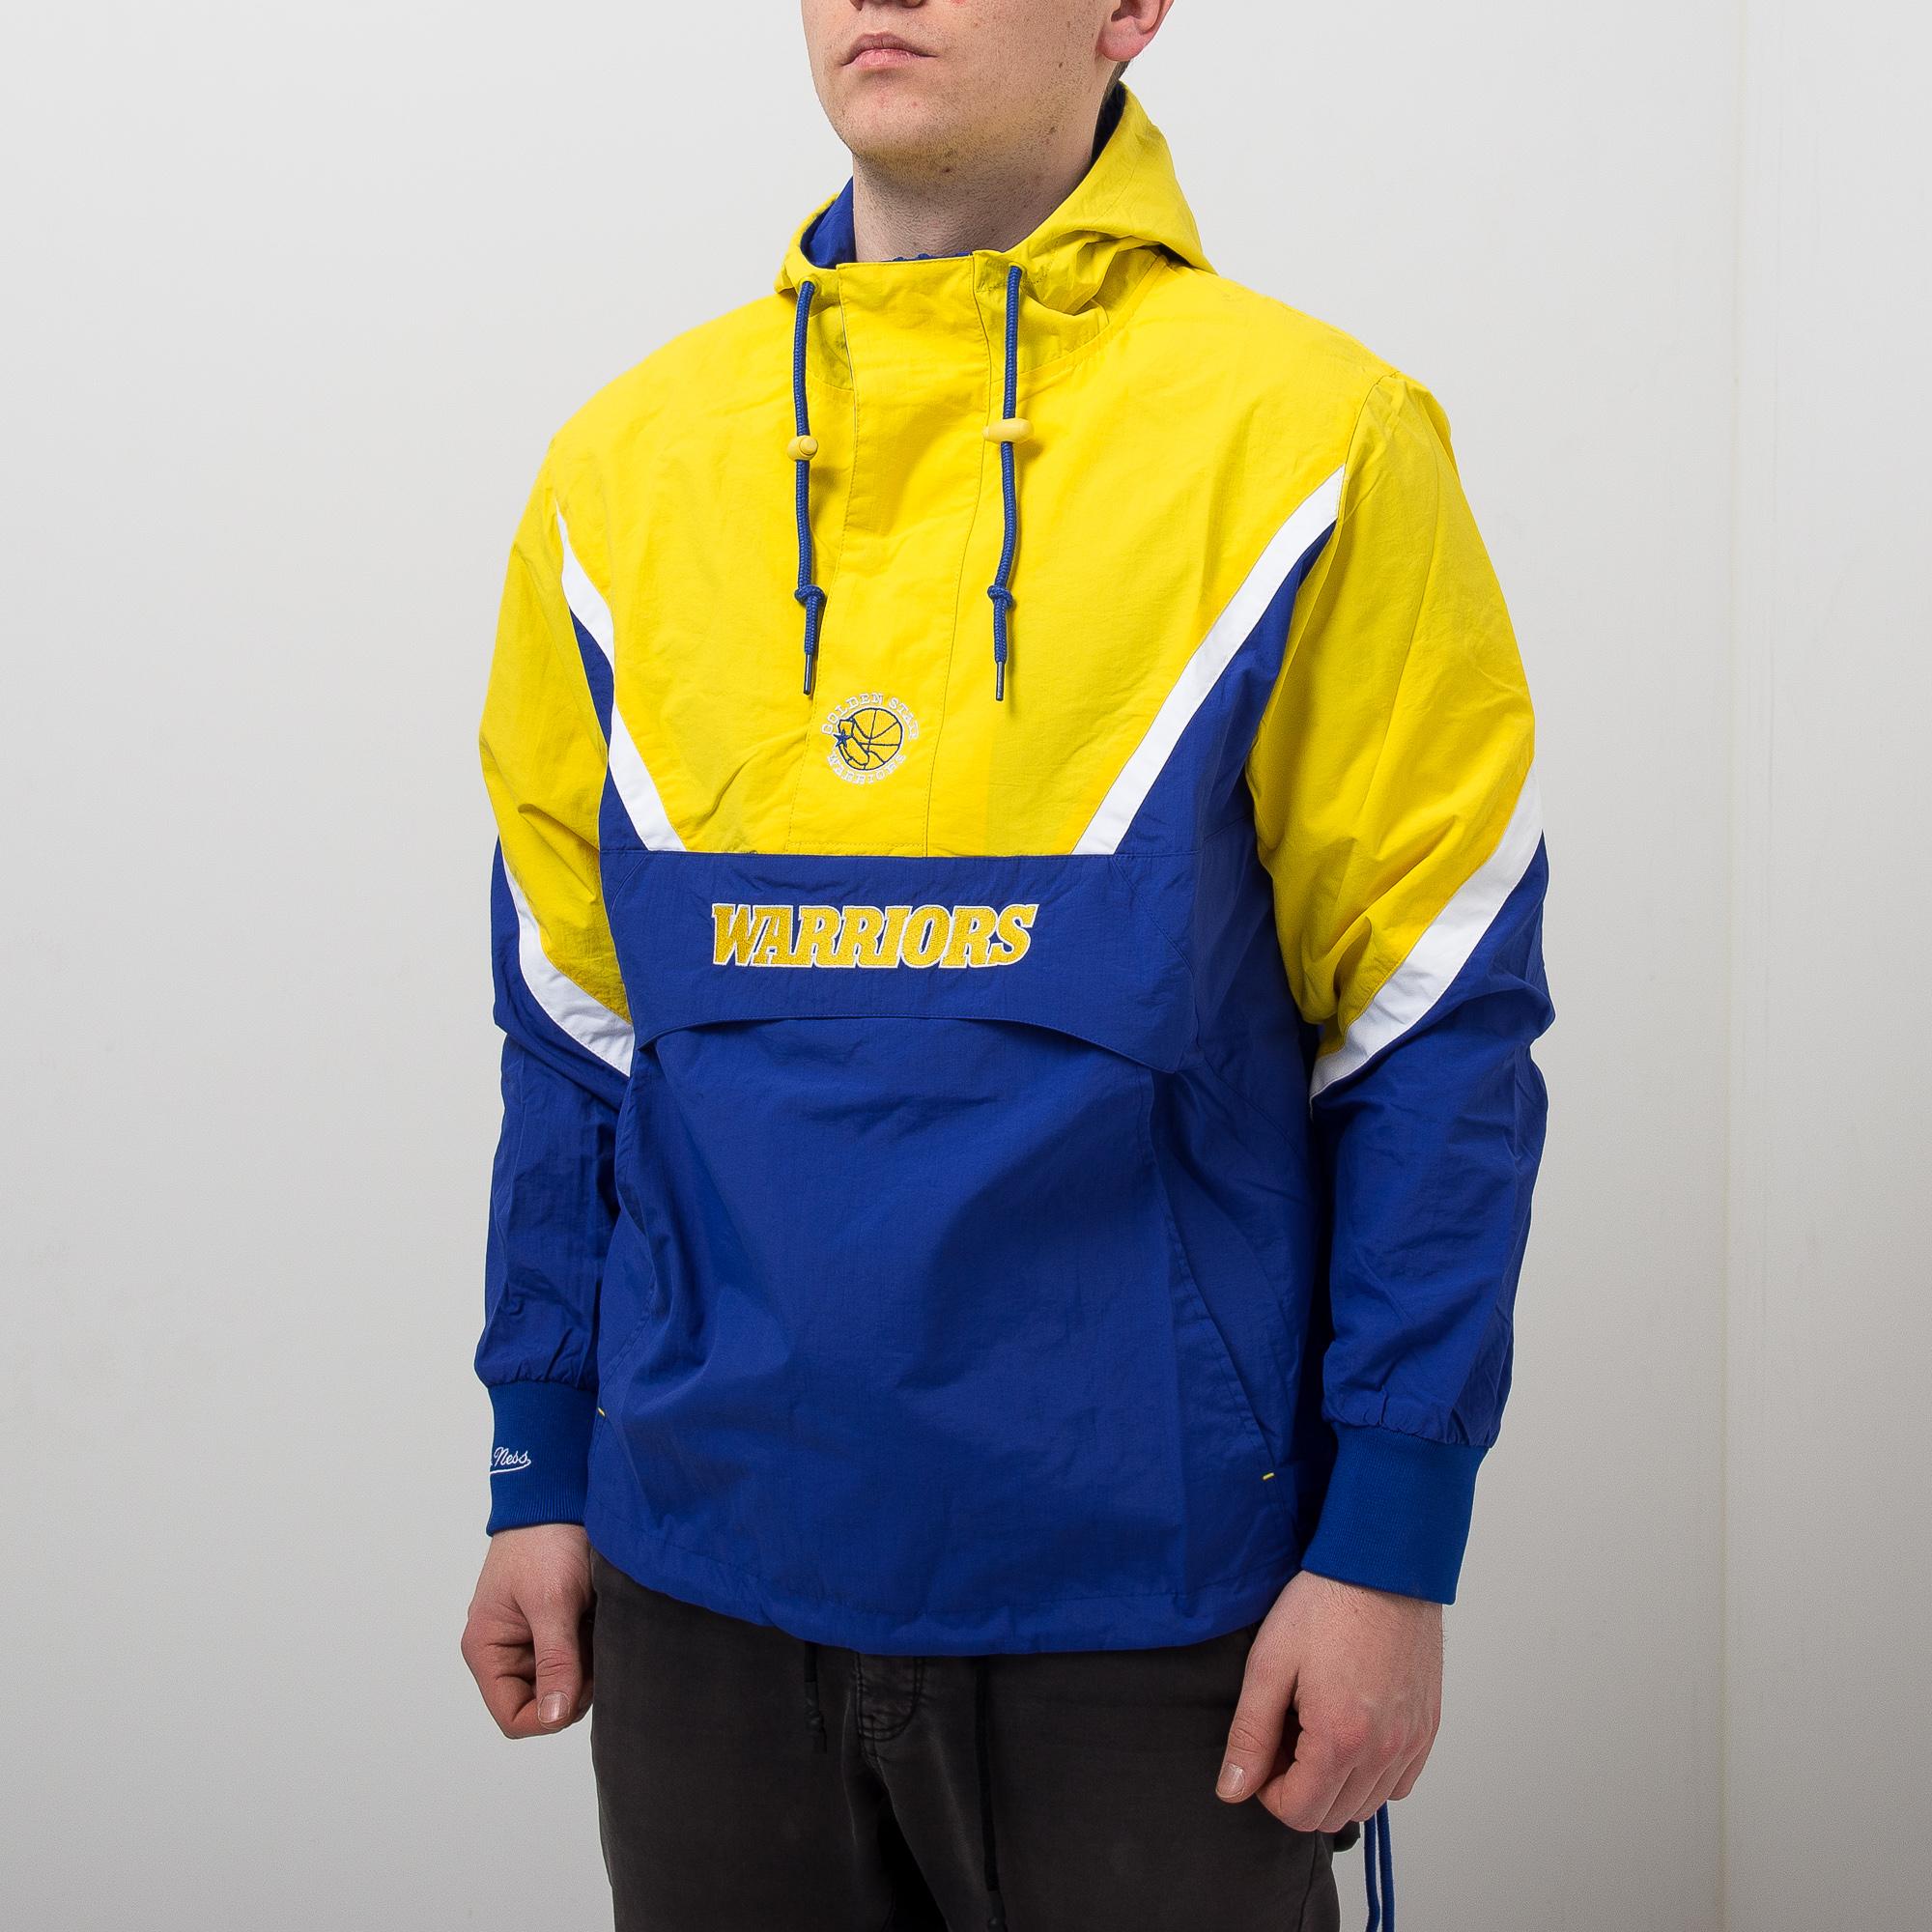 82e05c71b58 Mitchell   Ness NBA Golden State Warriors Half Zip Anorak Jacket - NBA Shop  Golden State Warriors Merchandise - Superfanas.lt